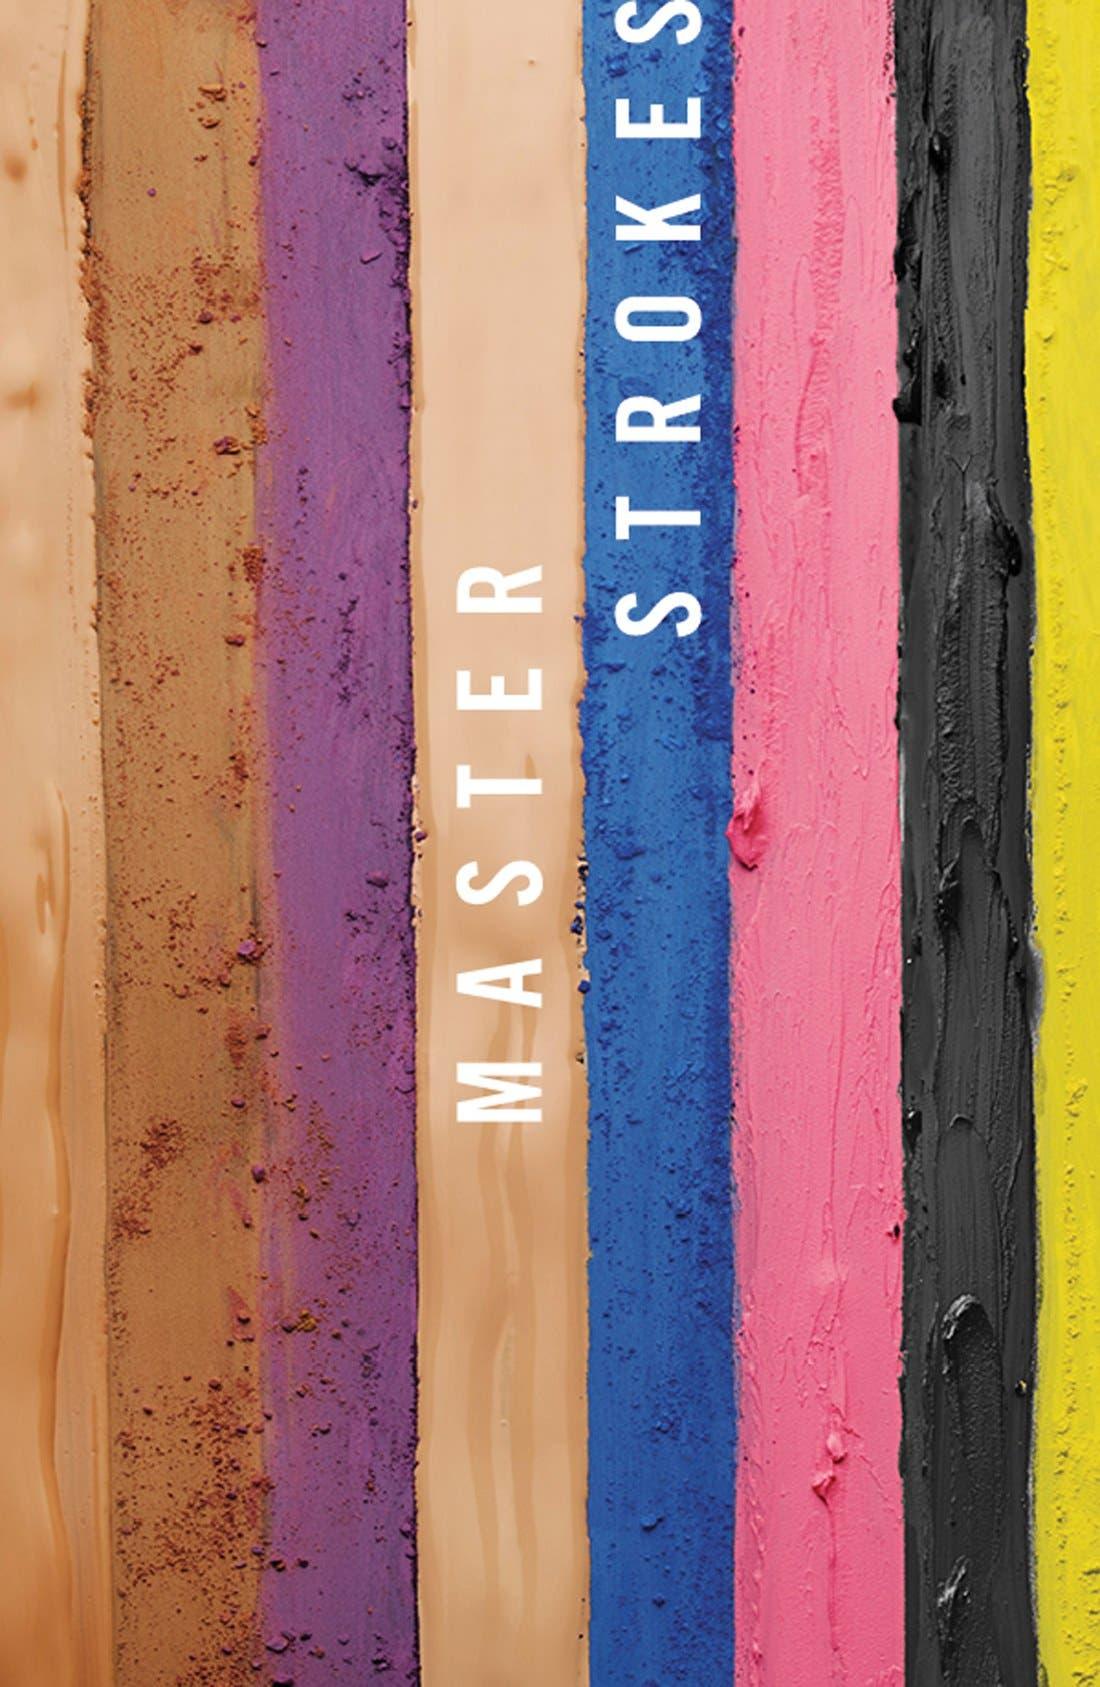 MAC 224 Tapered Blending Brush,                             Alternate thumbnail 4, color,                             000